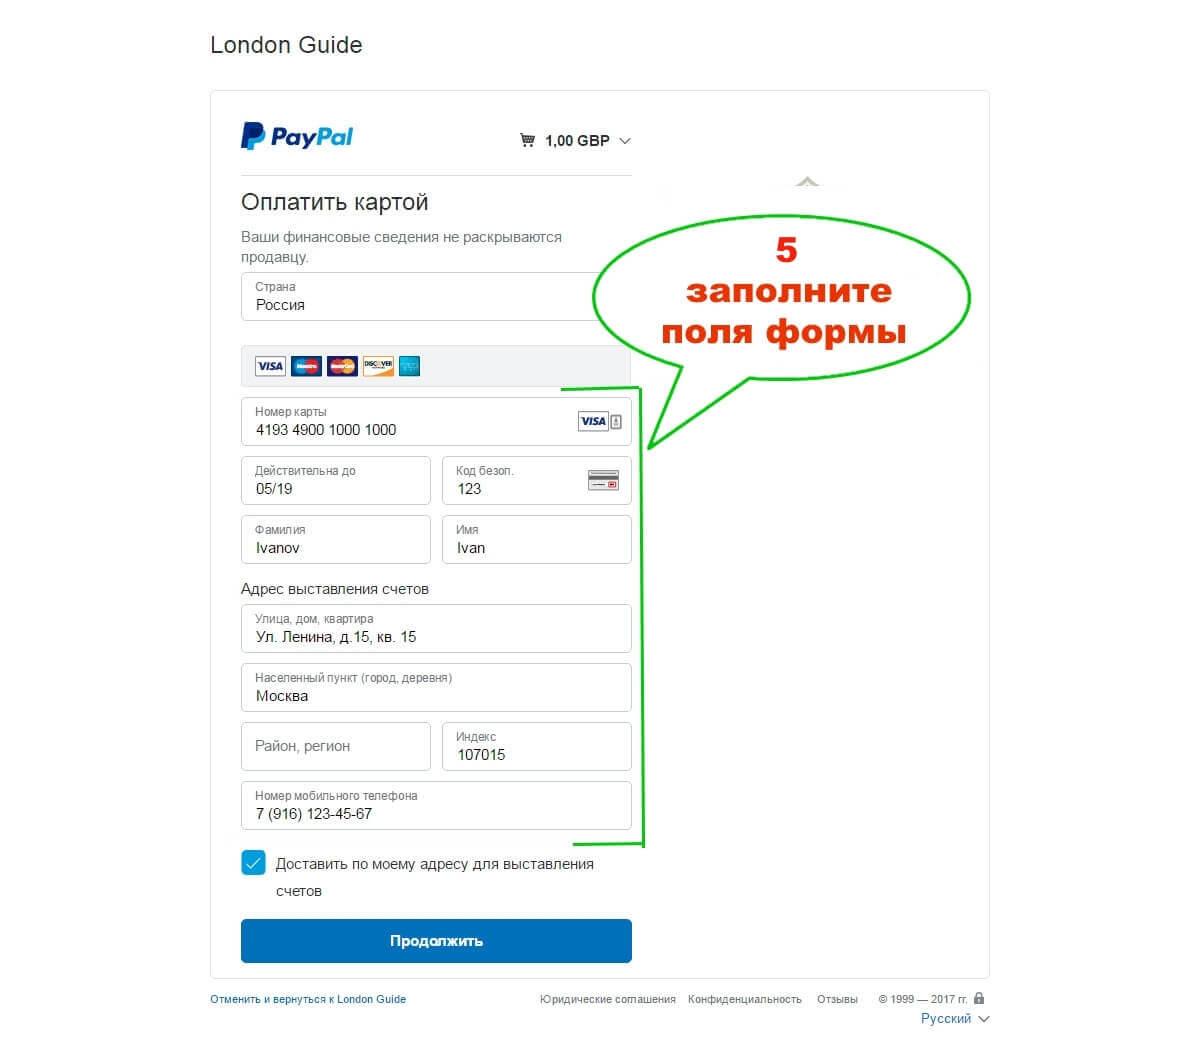 Инструкция оплаты через PayPal, шаг 5